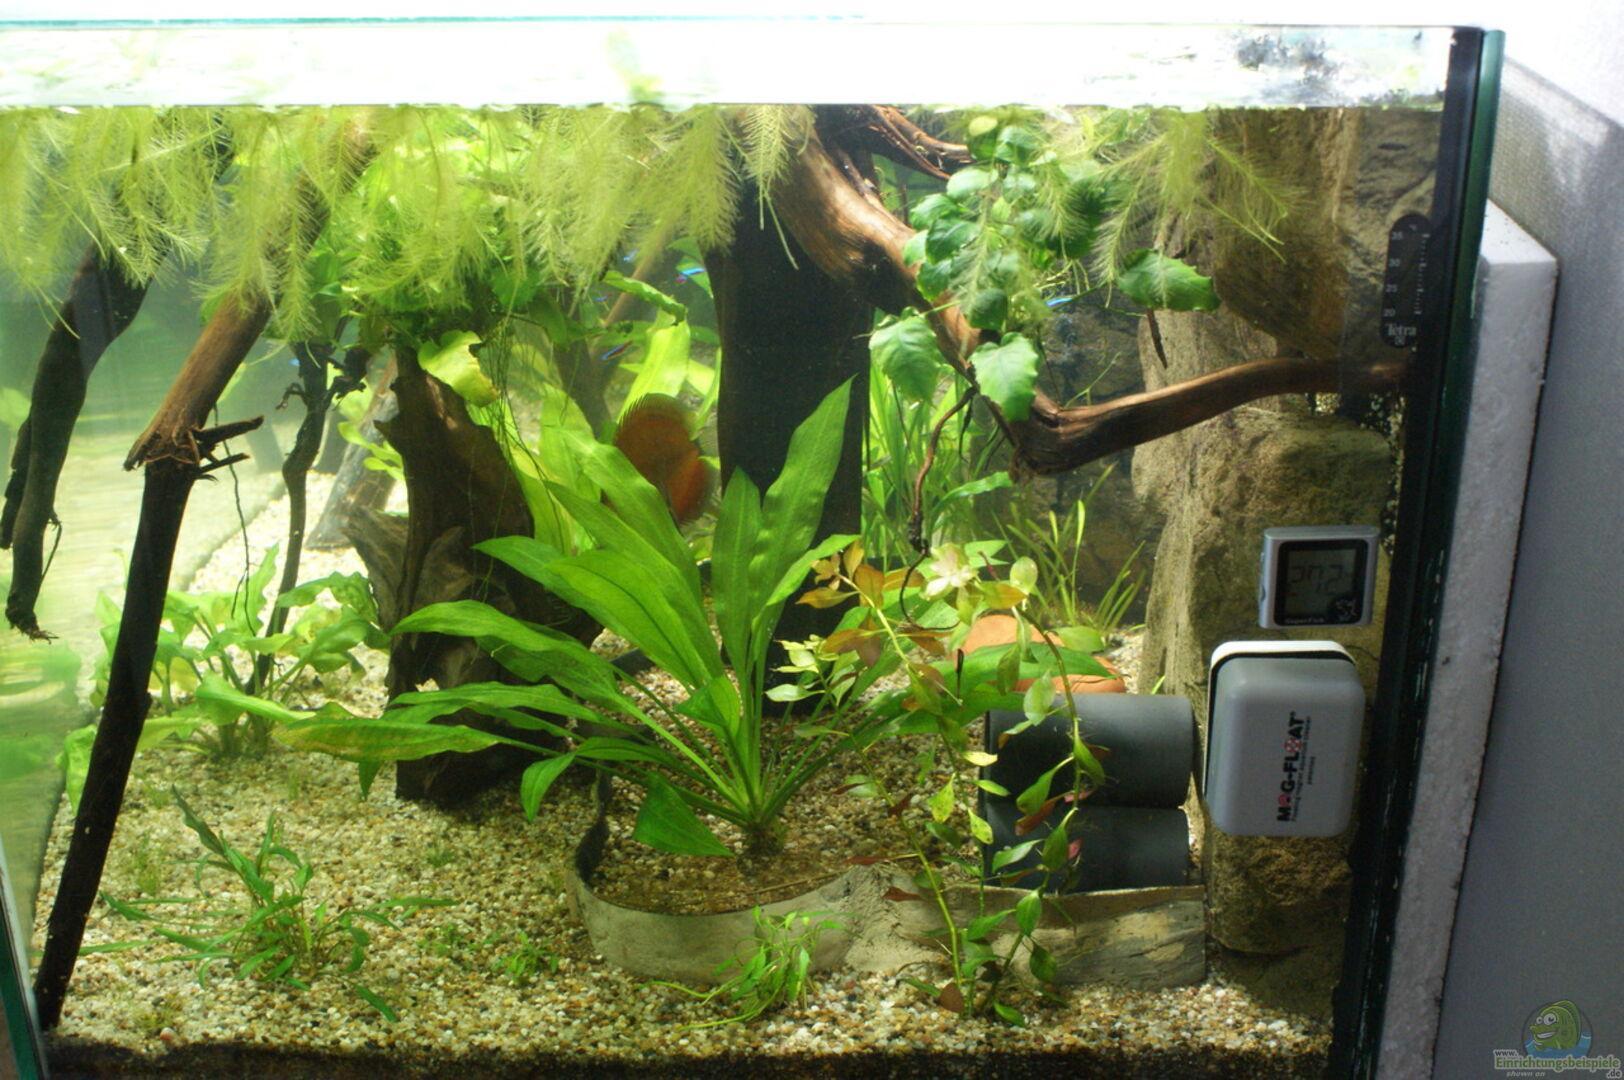 bersicht ber die aquariumbilder aus den beispielen seite 156. Black Bedroom Furniture Sets. Home Design Ideas